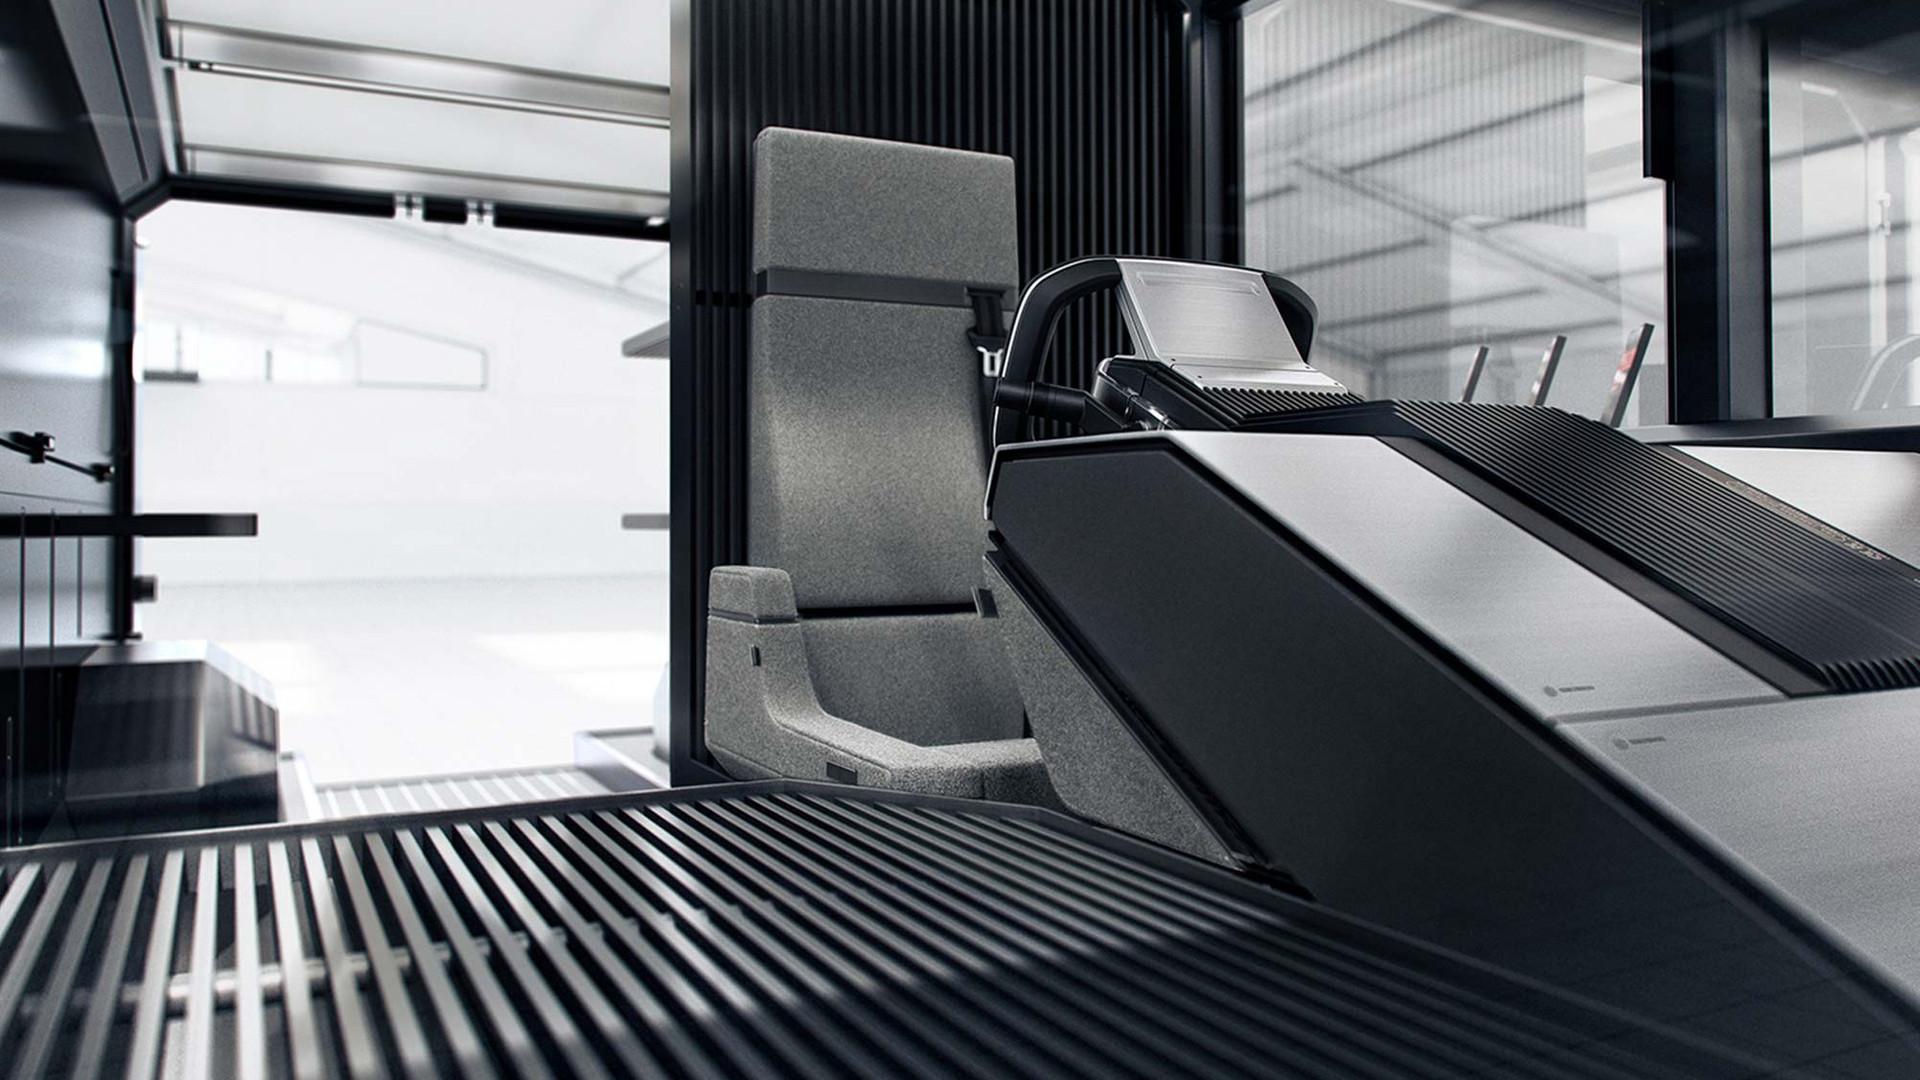 The Canoo multi-purpose delivery vehicle (MPDV) - Interior, Rear View